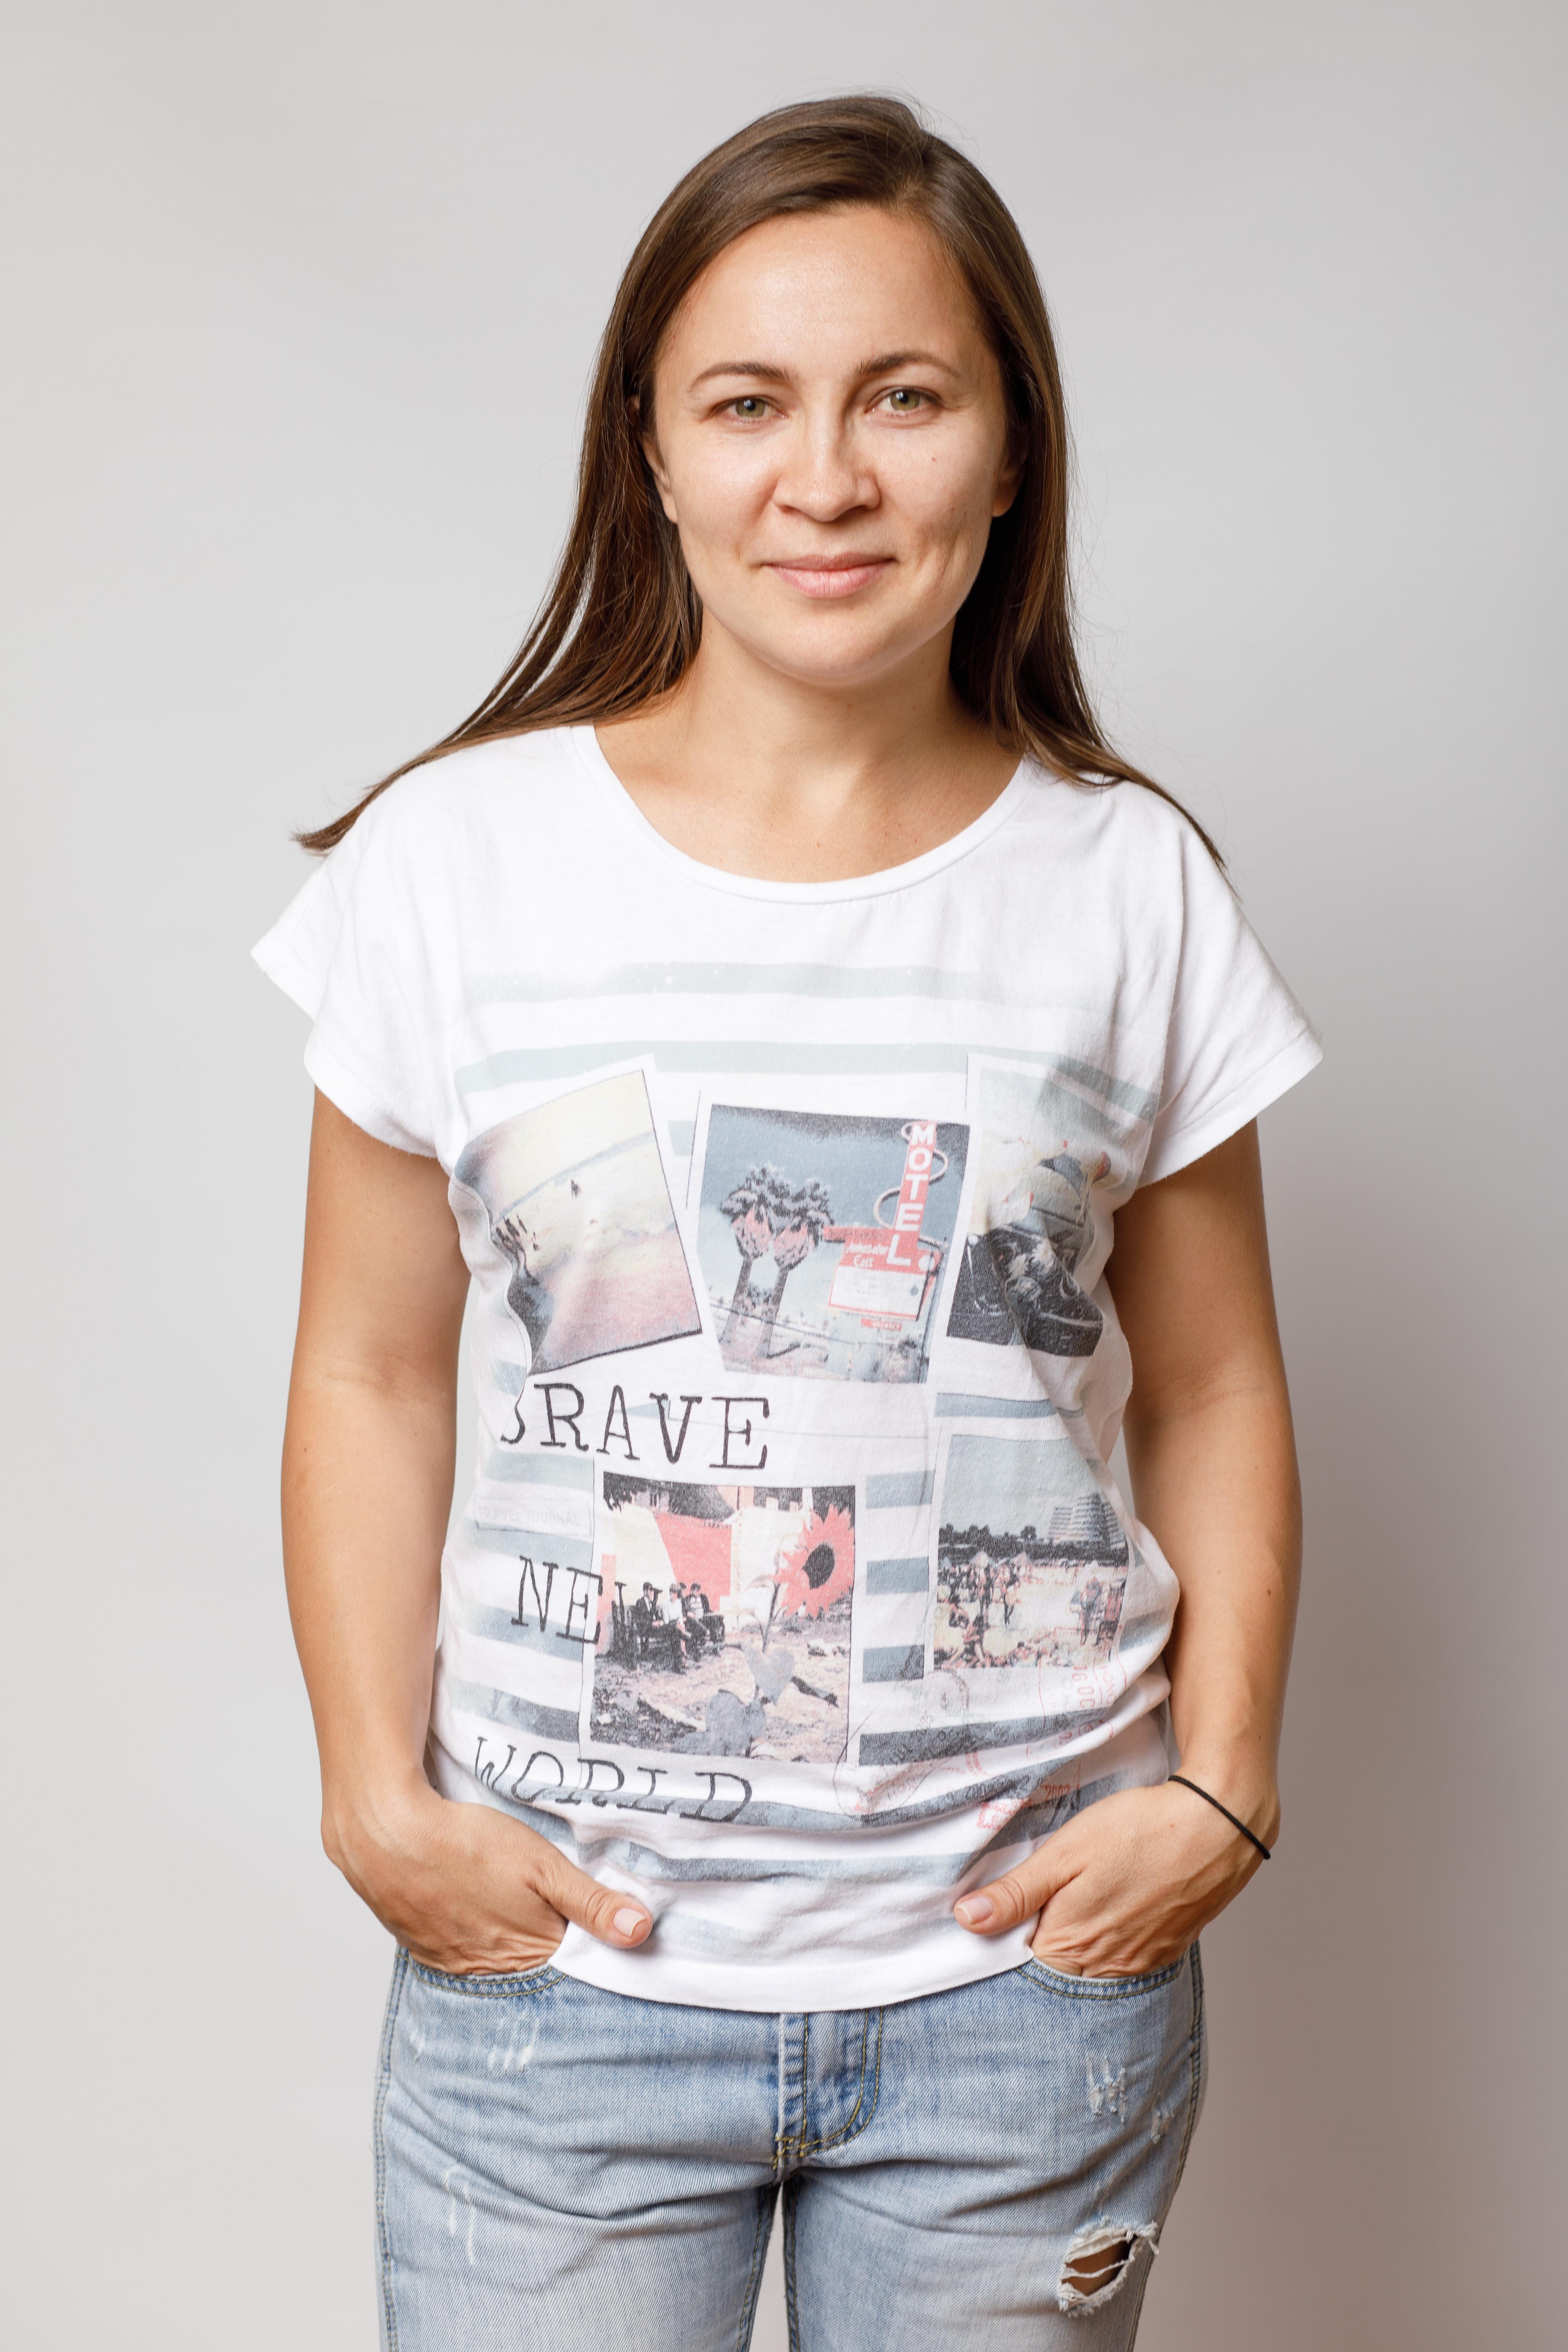 Татьяна Авксентьева, Inweb